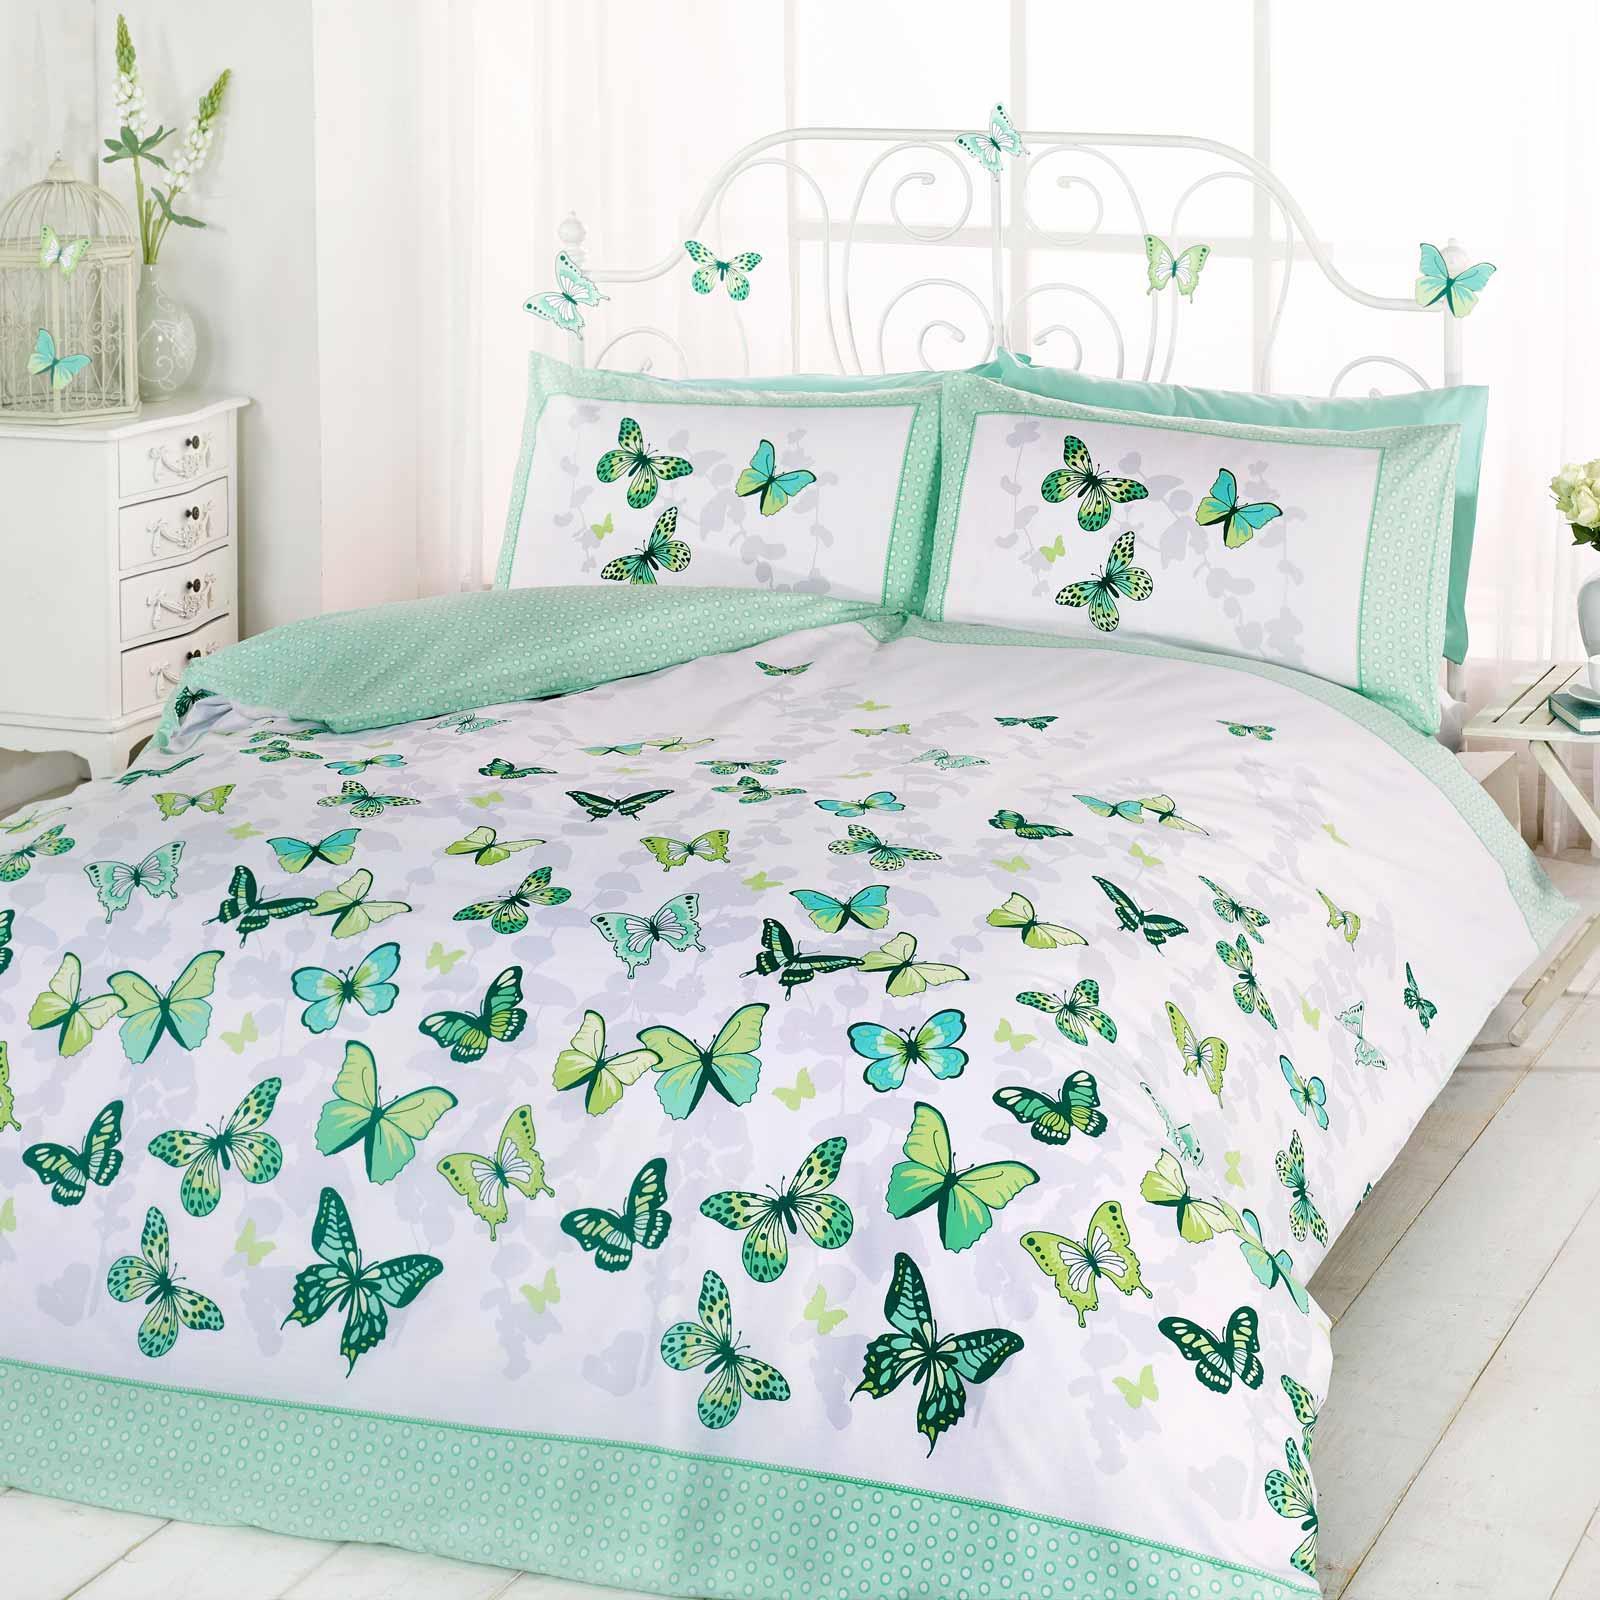 Butterflies Duvet Covers Flutter Floral Butterfly Reversible Bedding Quilt Sets